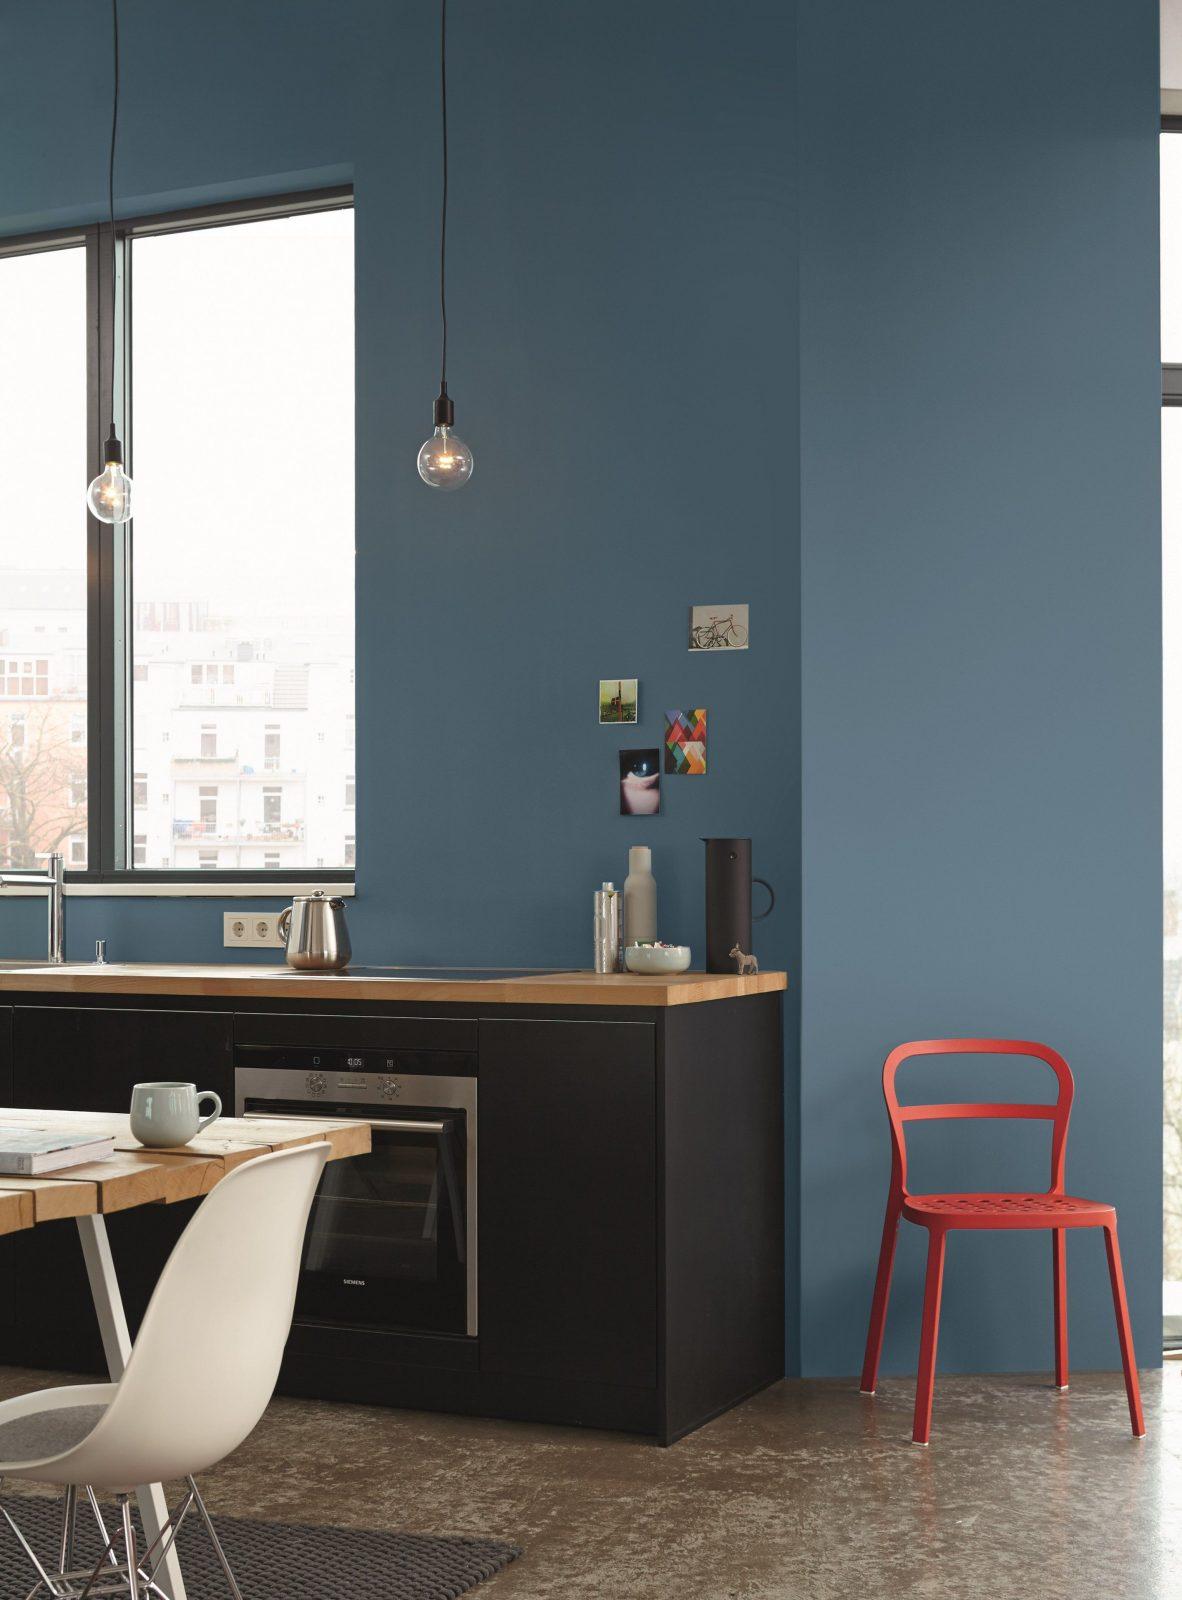 Weiße Küche Wandfarbe Großartig Kuche Farbige Wand Ideen Fürs Küche von Wände Streichen Ideen Küche Bild